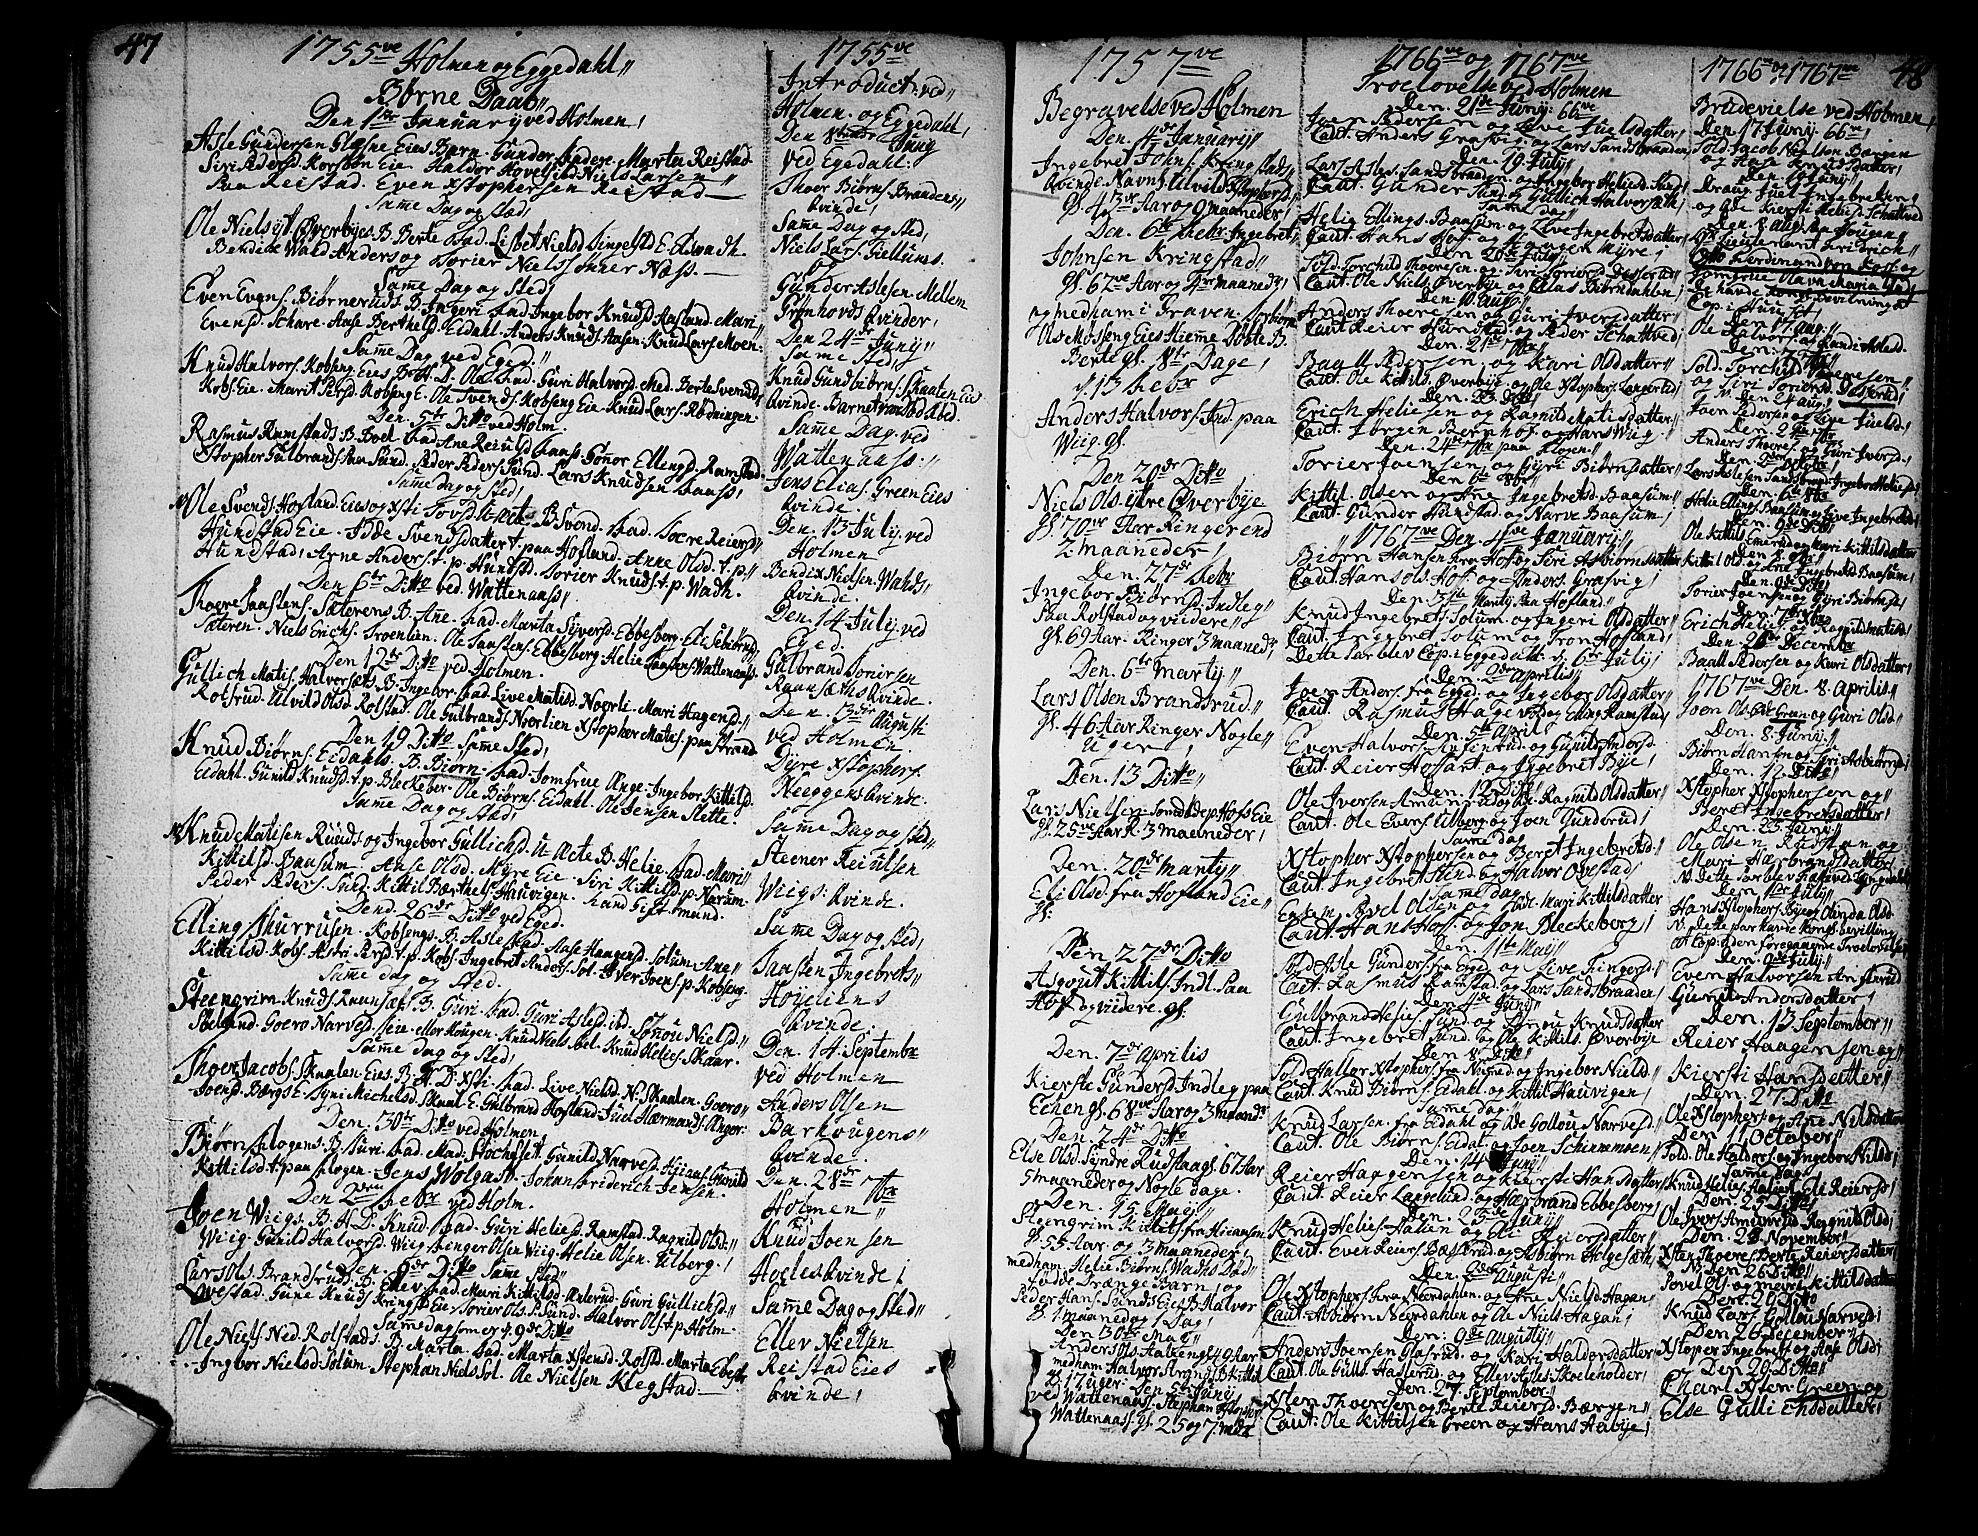 SAKO, Sigdal kirkebøker, F/Fa/L0001: Ministerialbok nr. I 1, 1722-1777, s. 47-48